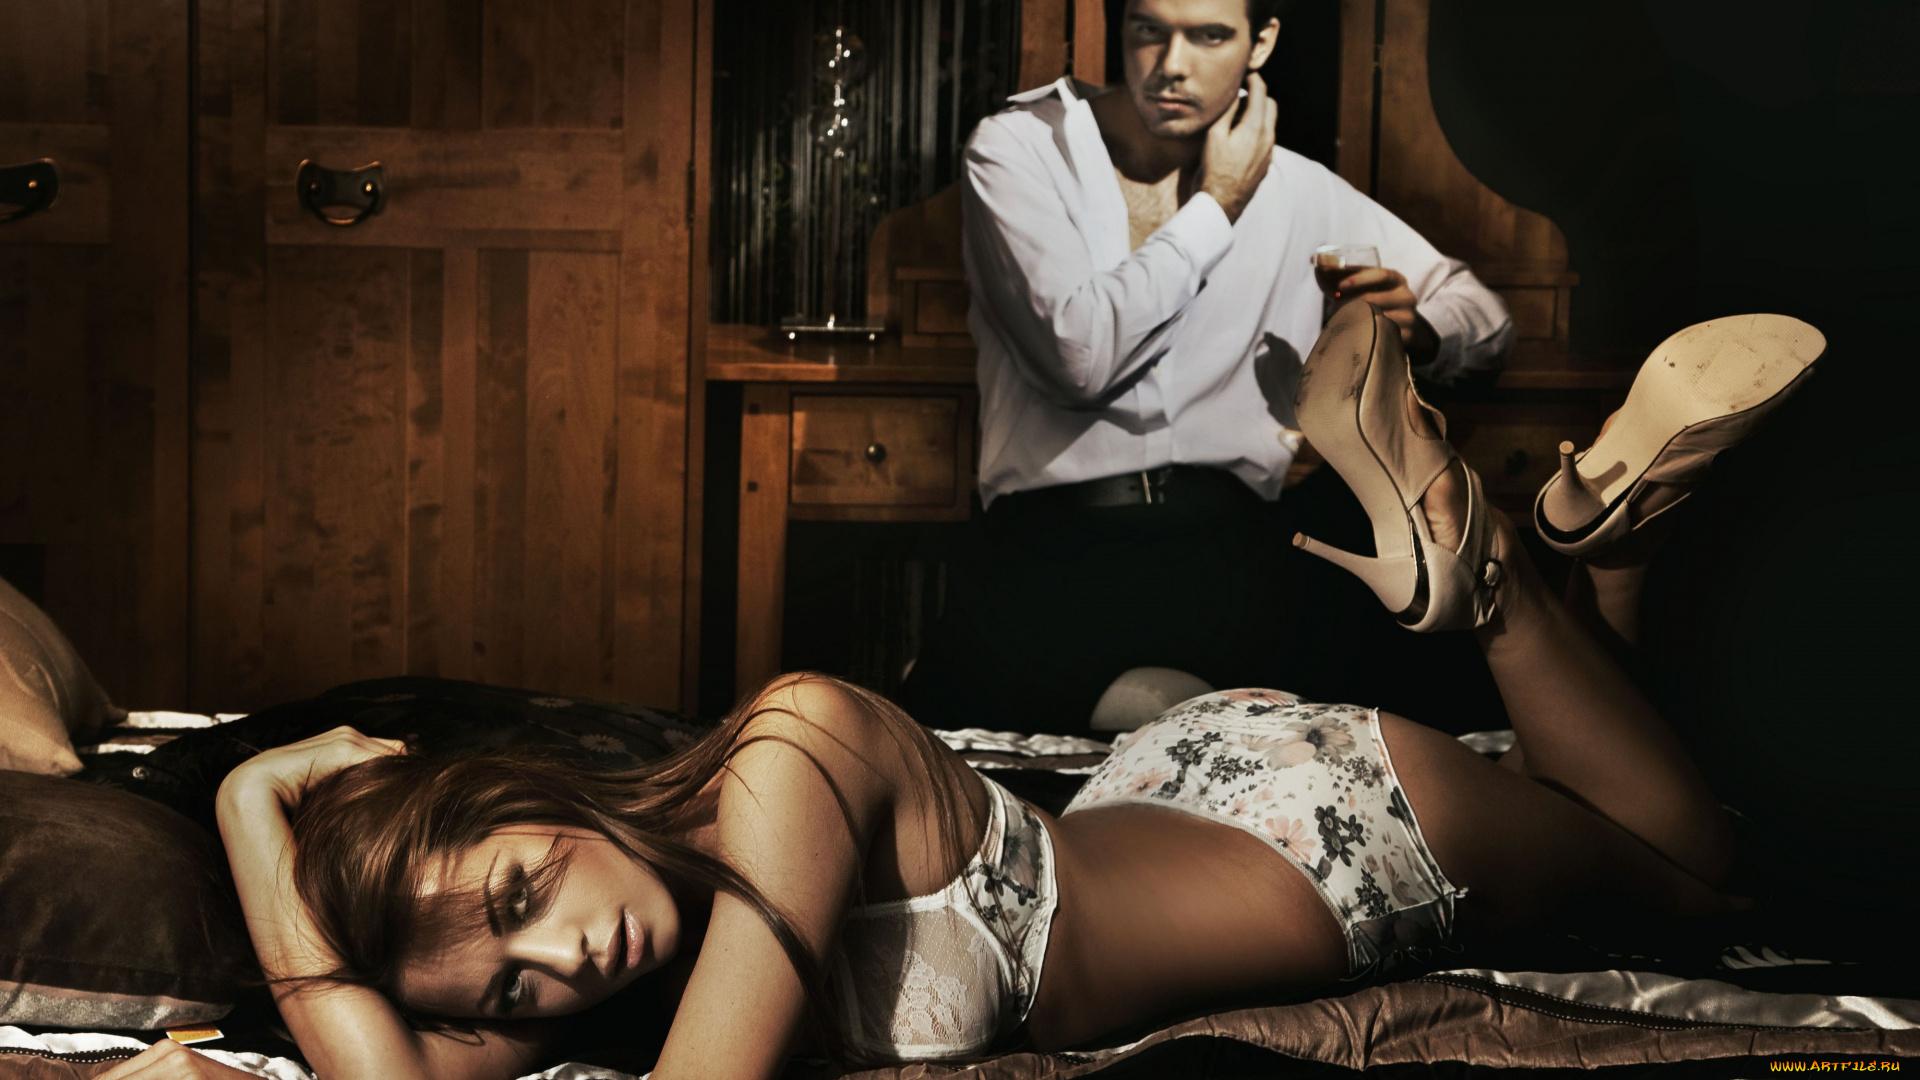 прикольное фото на тему женщина и молодой парень секс часа видно